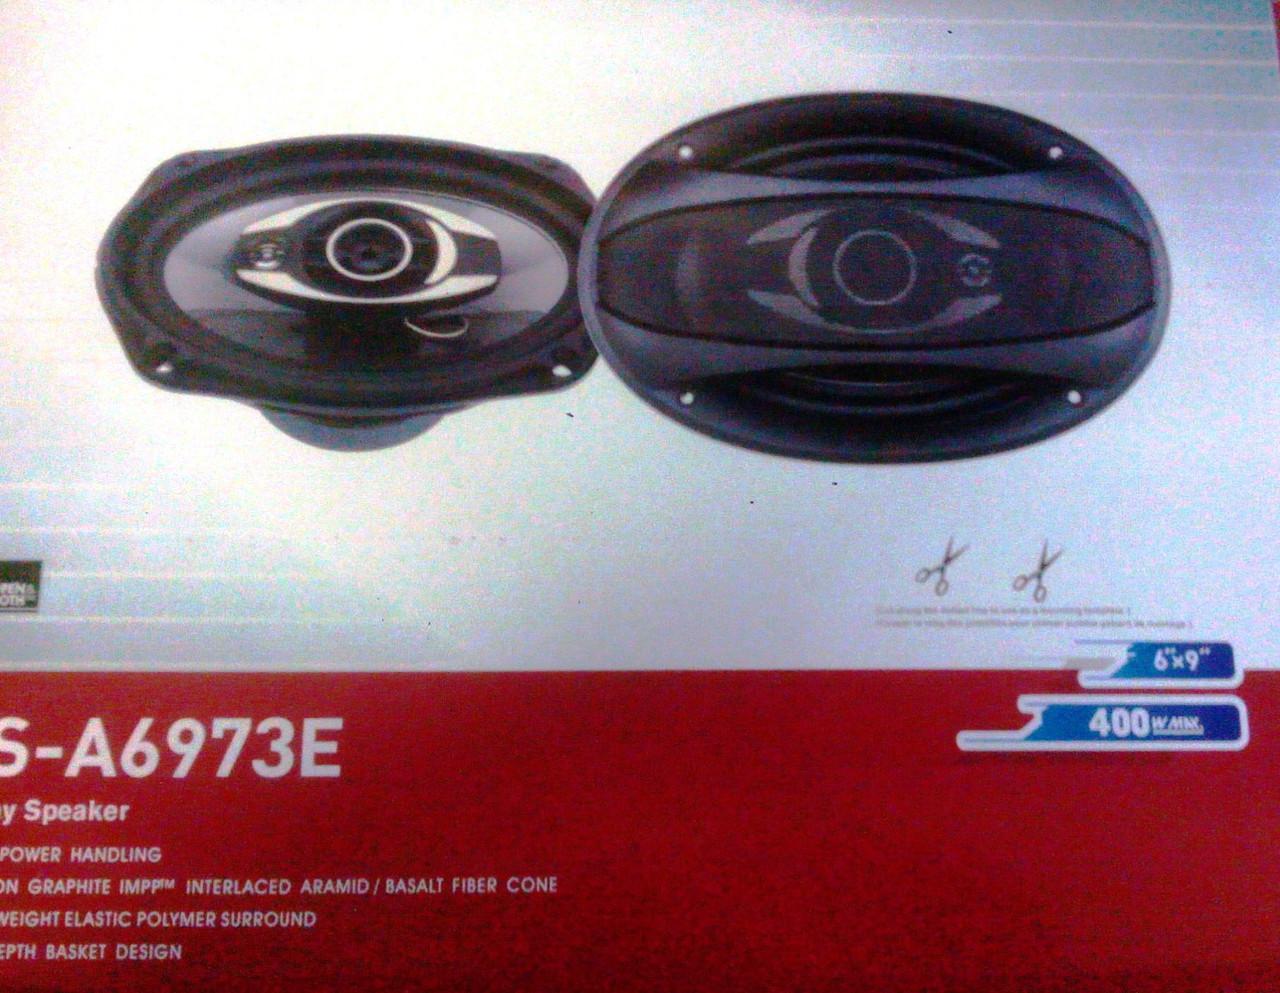 Автоаккустика Pioneer TS-A6973E 400W 15x23 см 6x9'' реплика